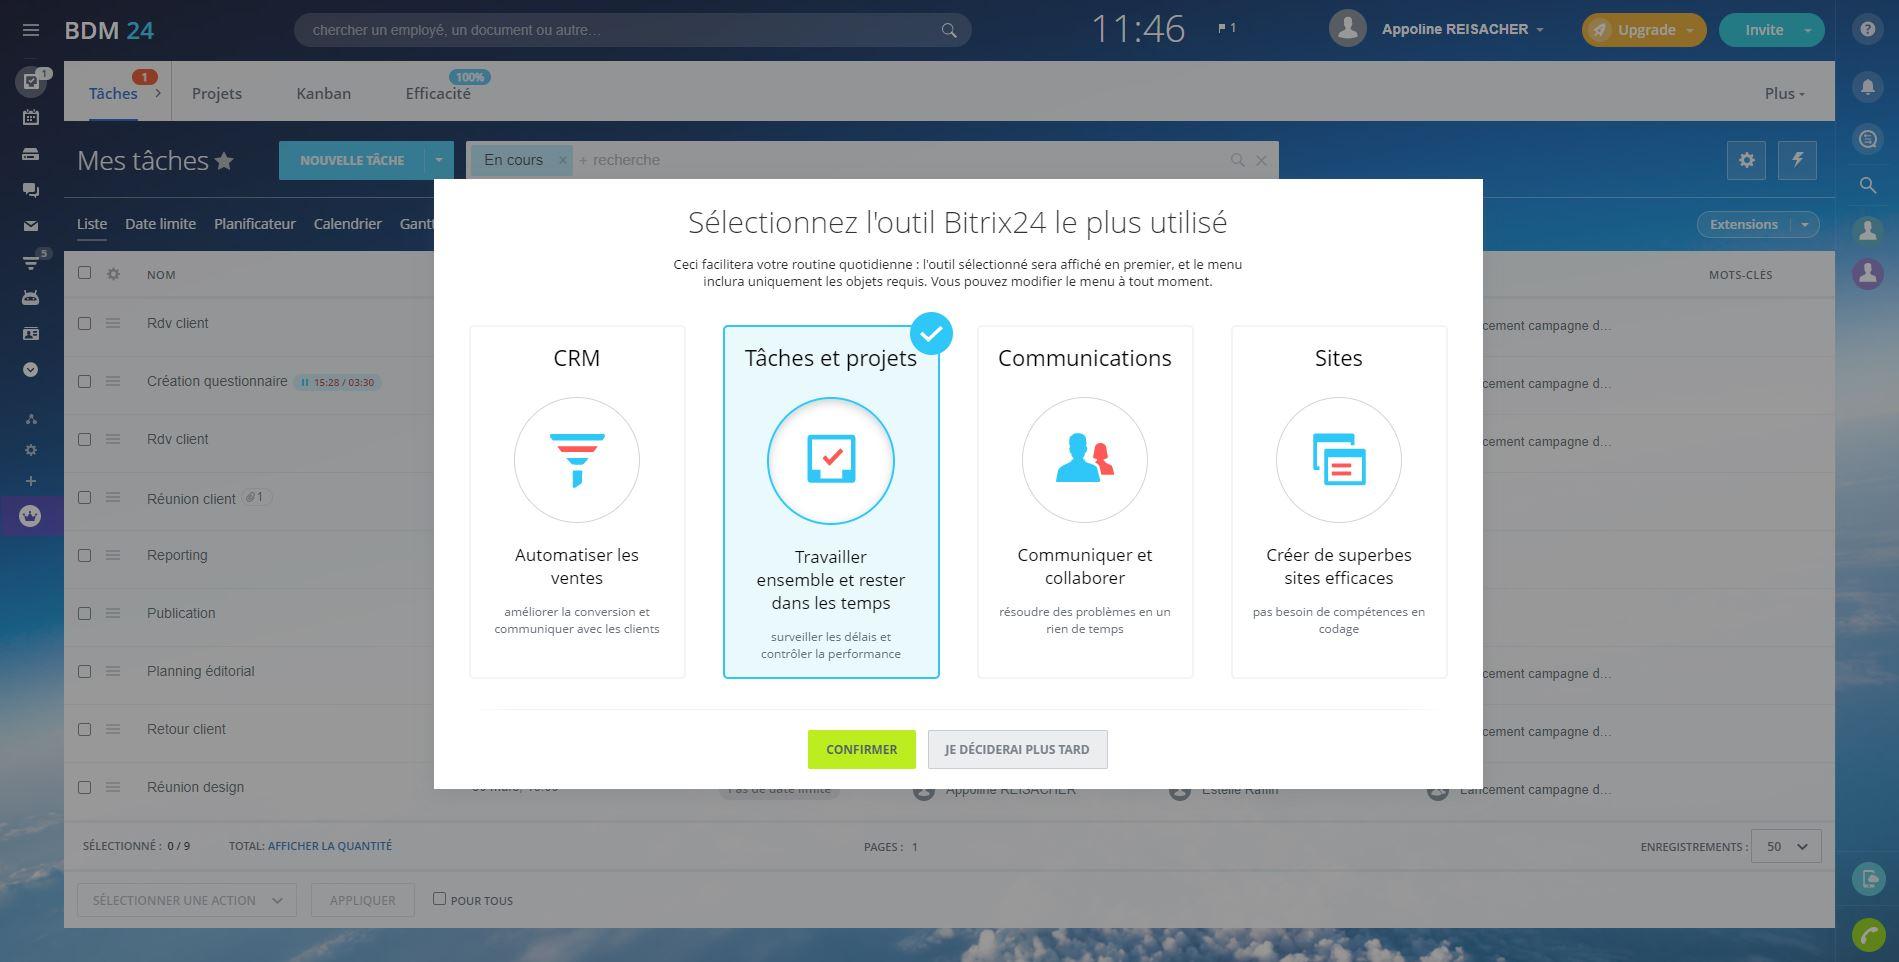 Bitrix24 : une plateforme gratuite et collaborative pour la gestion de projet - BDM